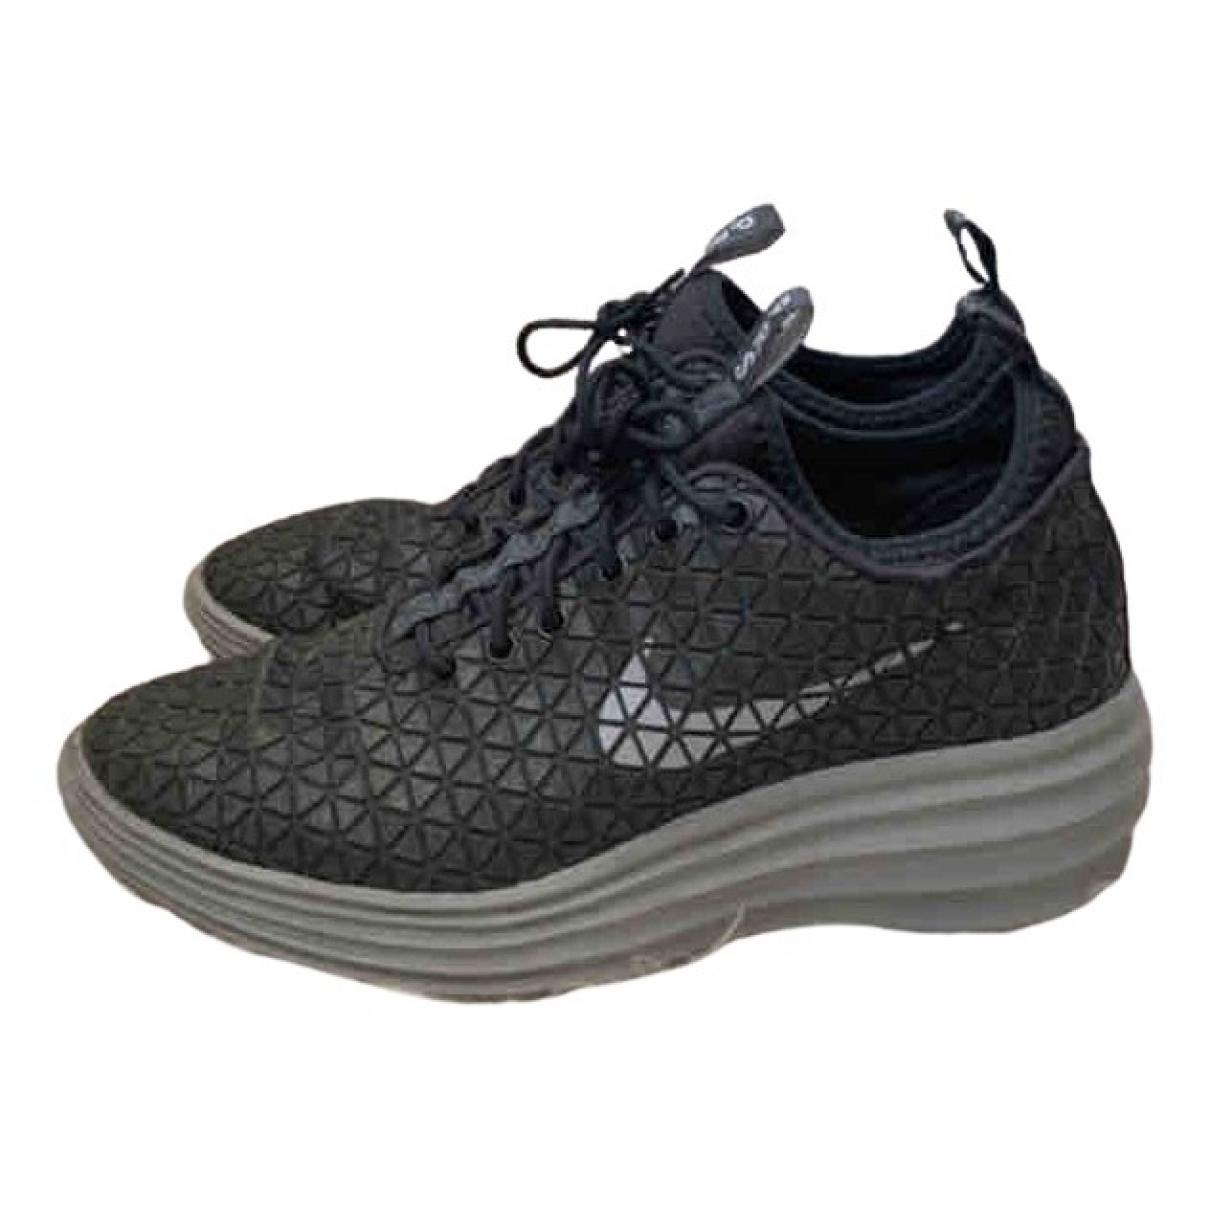 Nike - Baskets   pour femme en caoutchouc - anthracite